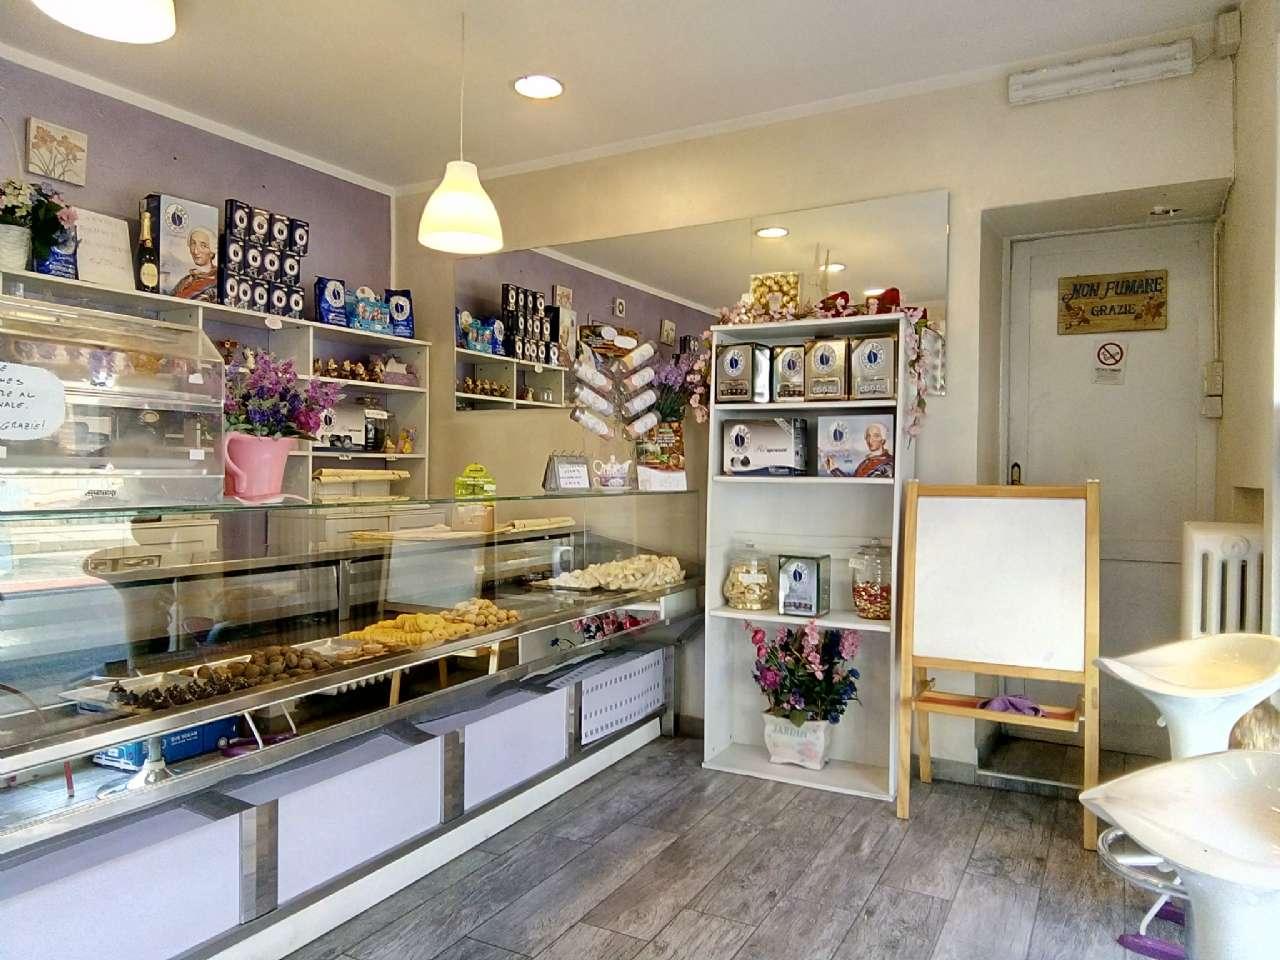 Negozio / Locale in vendita a La Loggia, 9999 locali, zona Località: Centralissima, prezzo € 150.000 | PortaleAgenzieImmobiliari.it